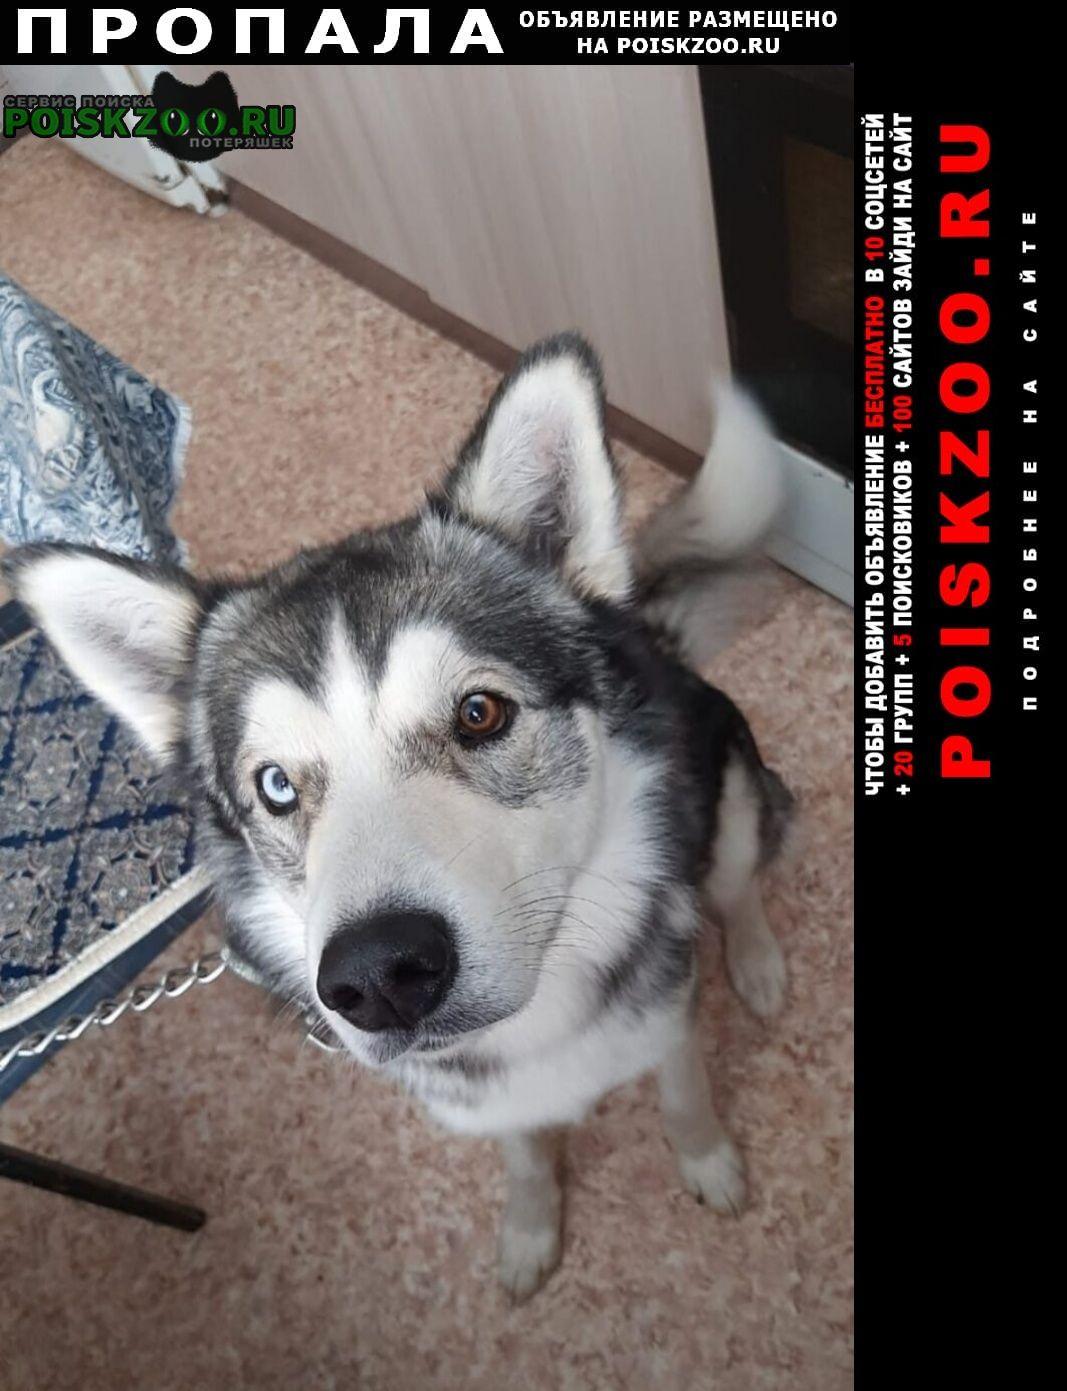 Пропала собака кобель сибирская хаска Михайлов